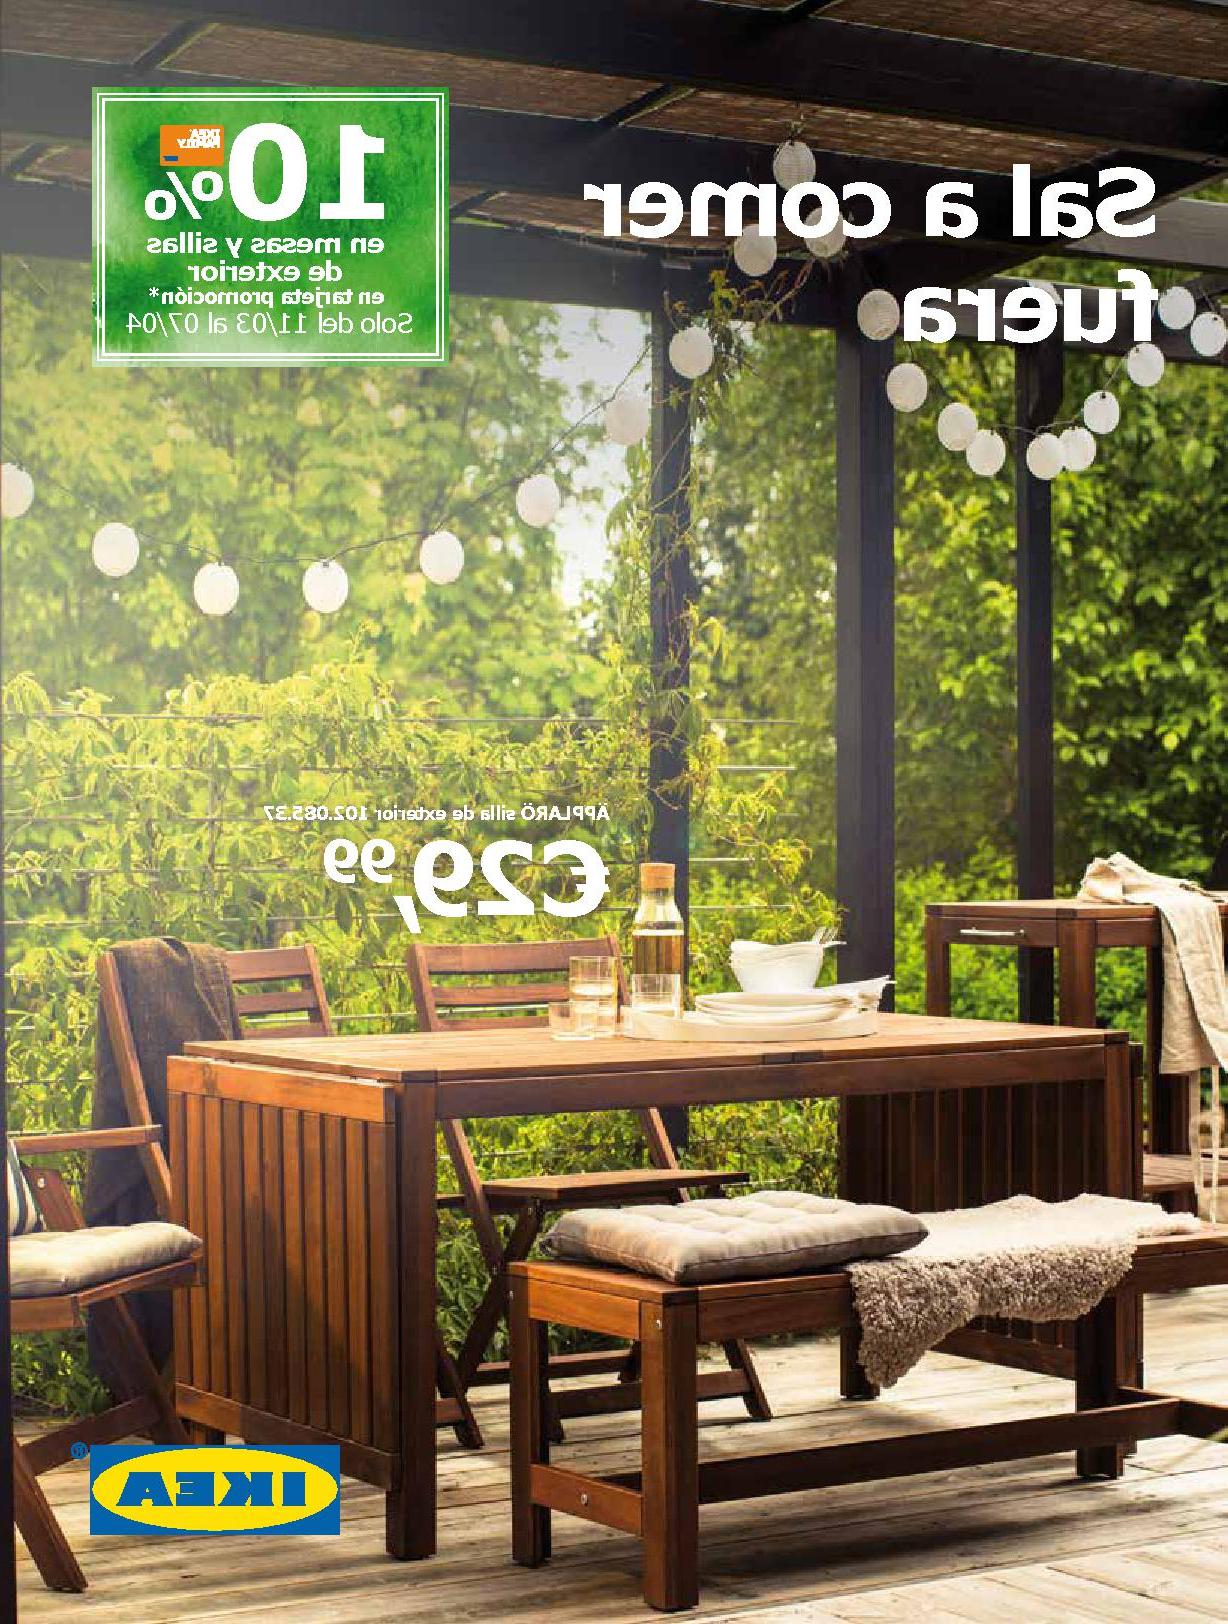 Muebles Jardin Ikea U3dh Muebles Jardin Ikea Obtenga Ideas Diseà O De Muebles Para Su Hogar